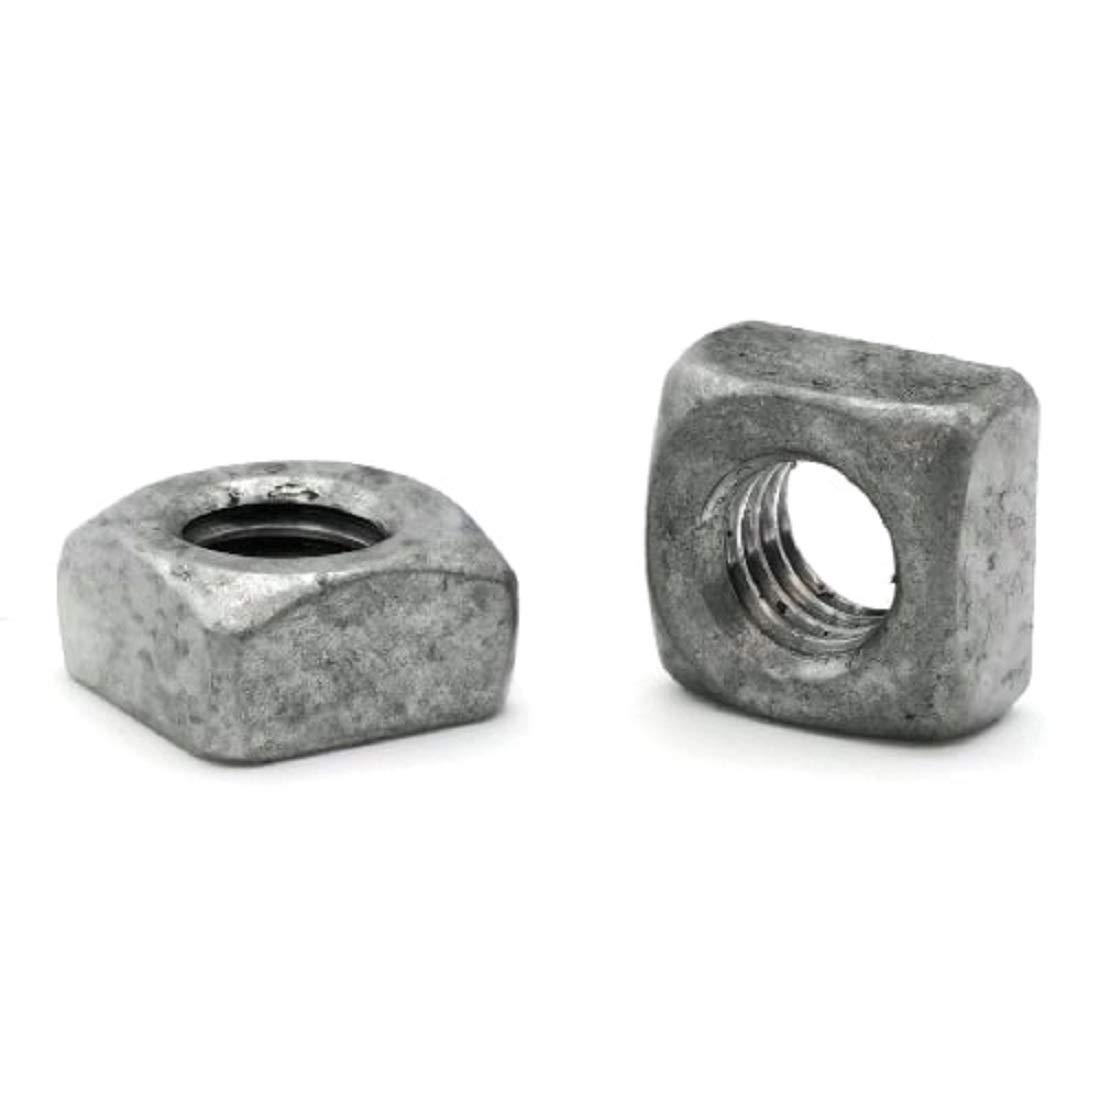 Quantity: 25 Grade 2 Steel 7//8-9 Square Nuts Hot Dip Galvanized